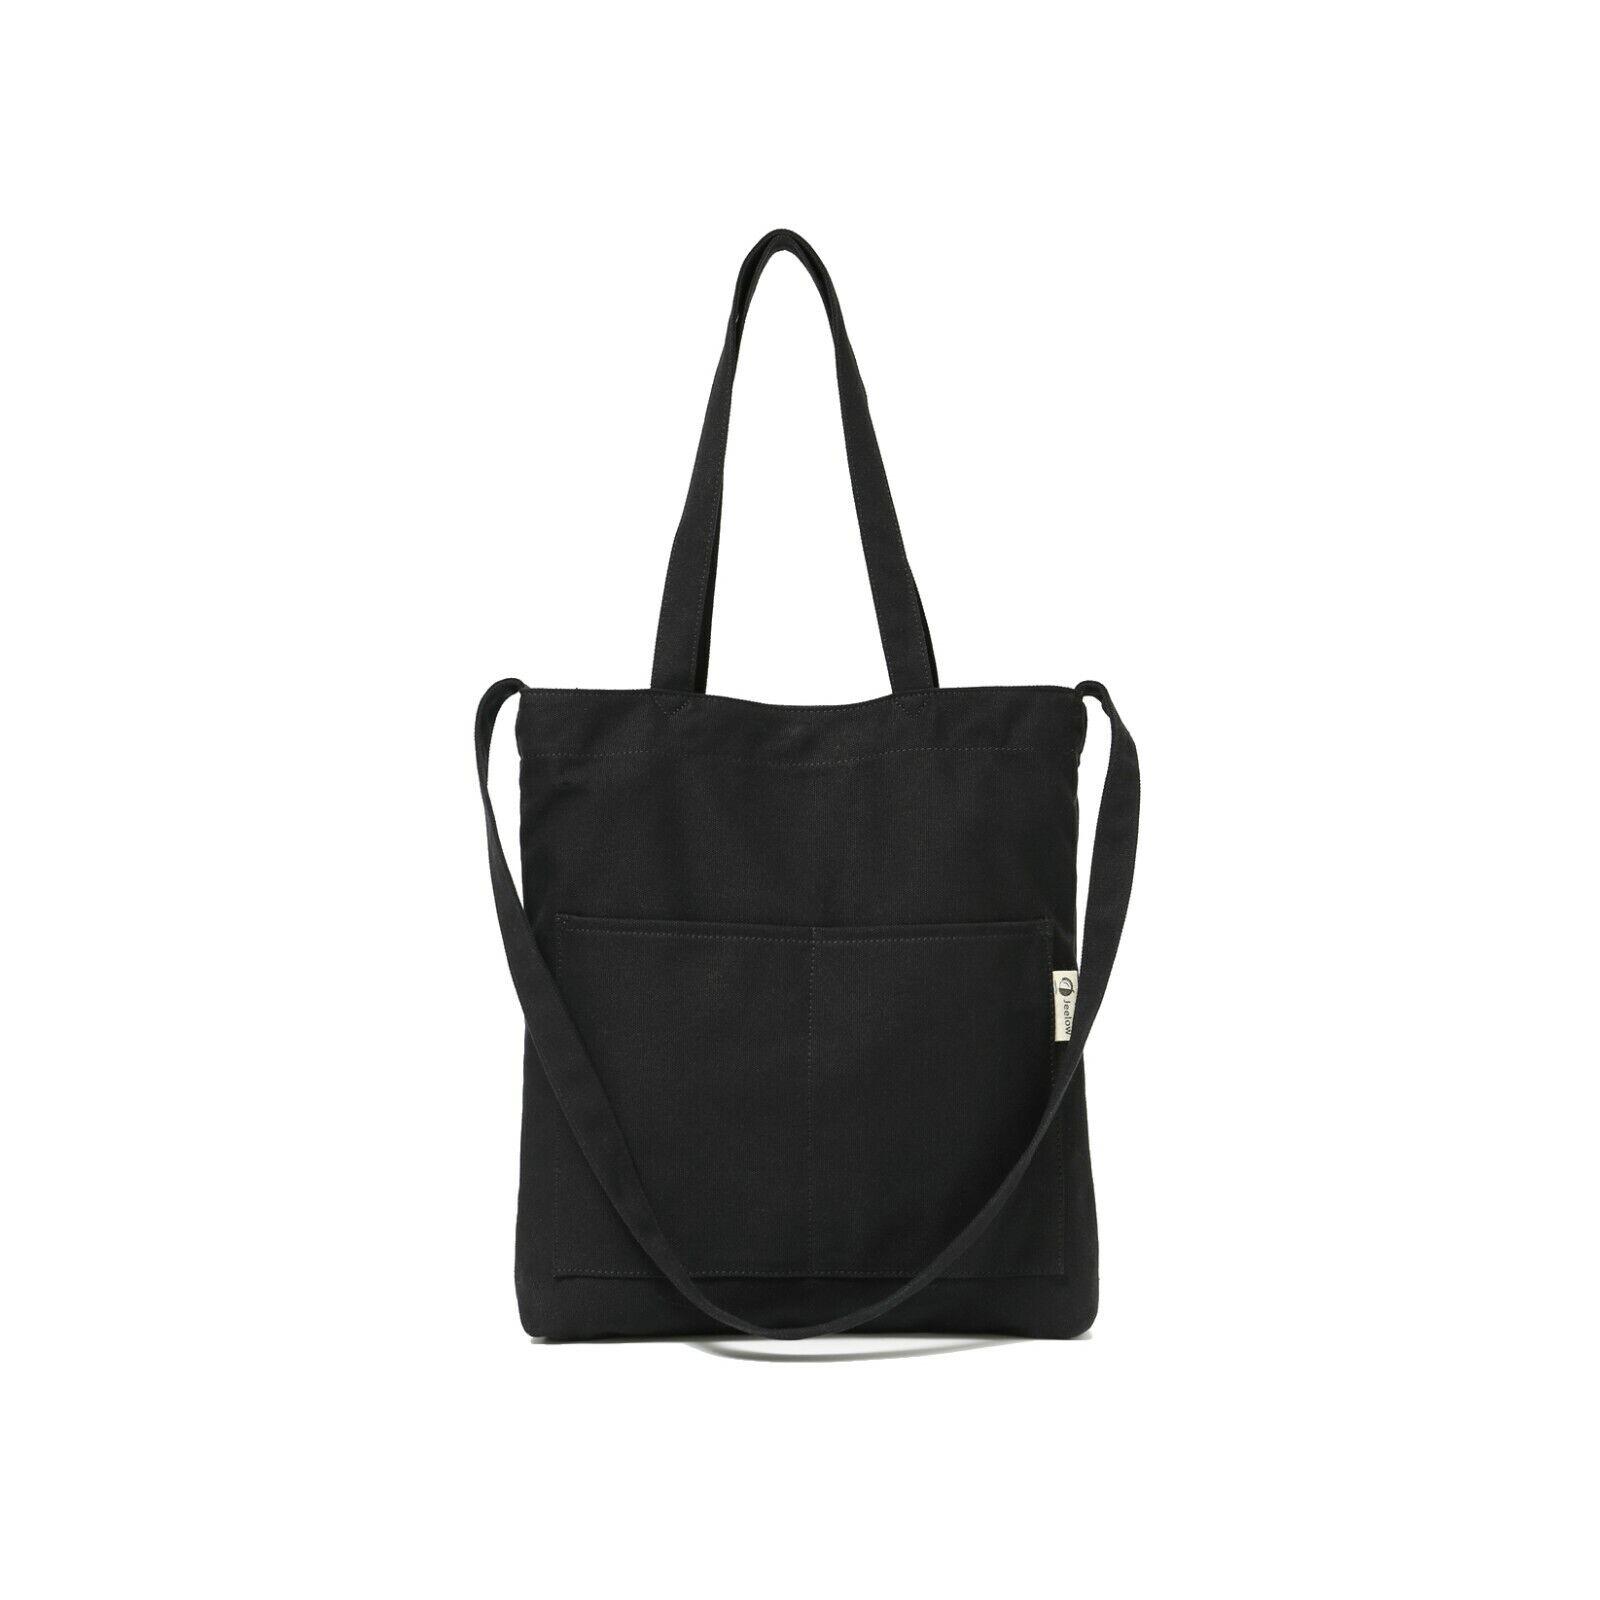 Canvas Tote Bag Handbag Shoulder Bag Crossbody Bags Purses F